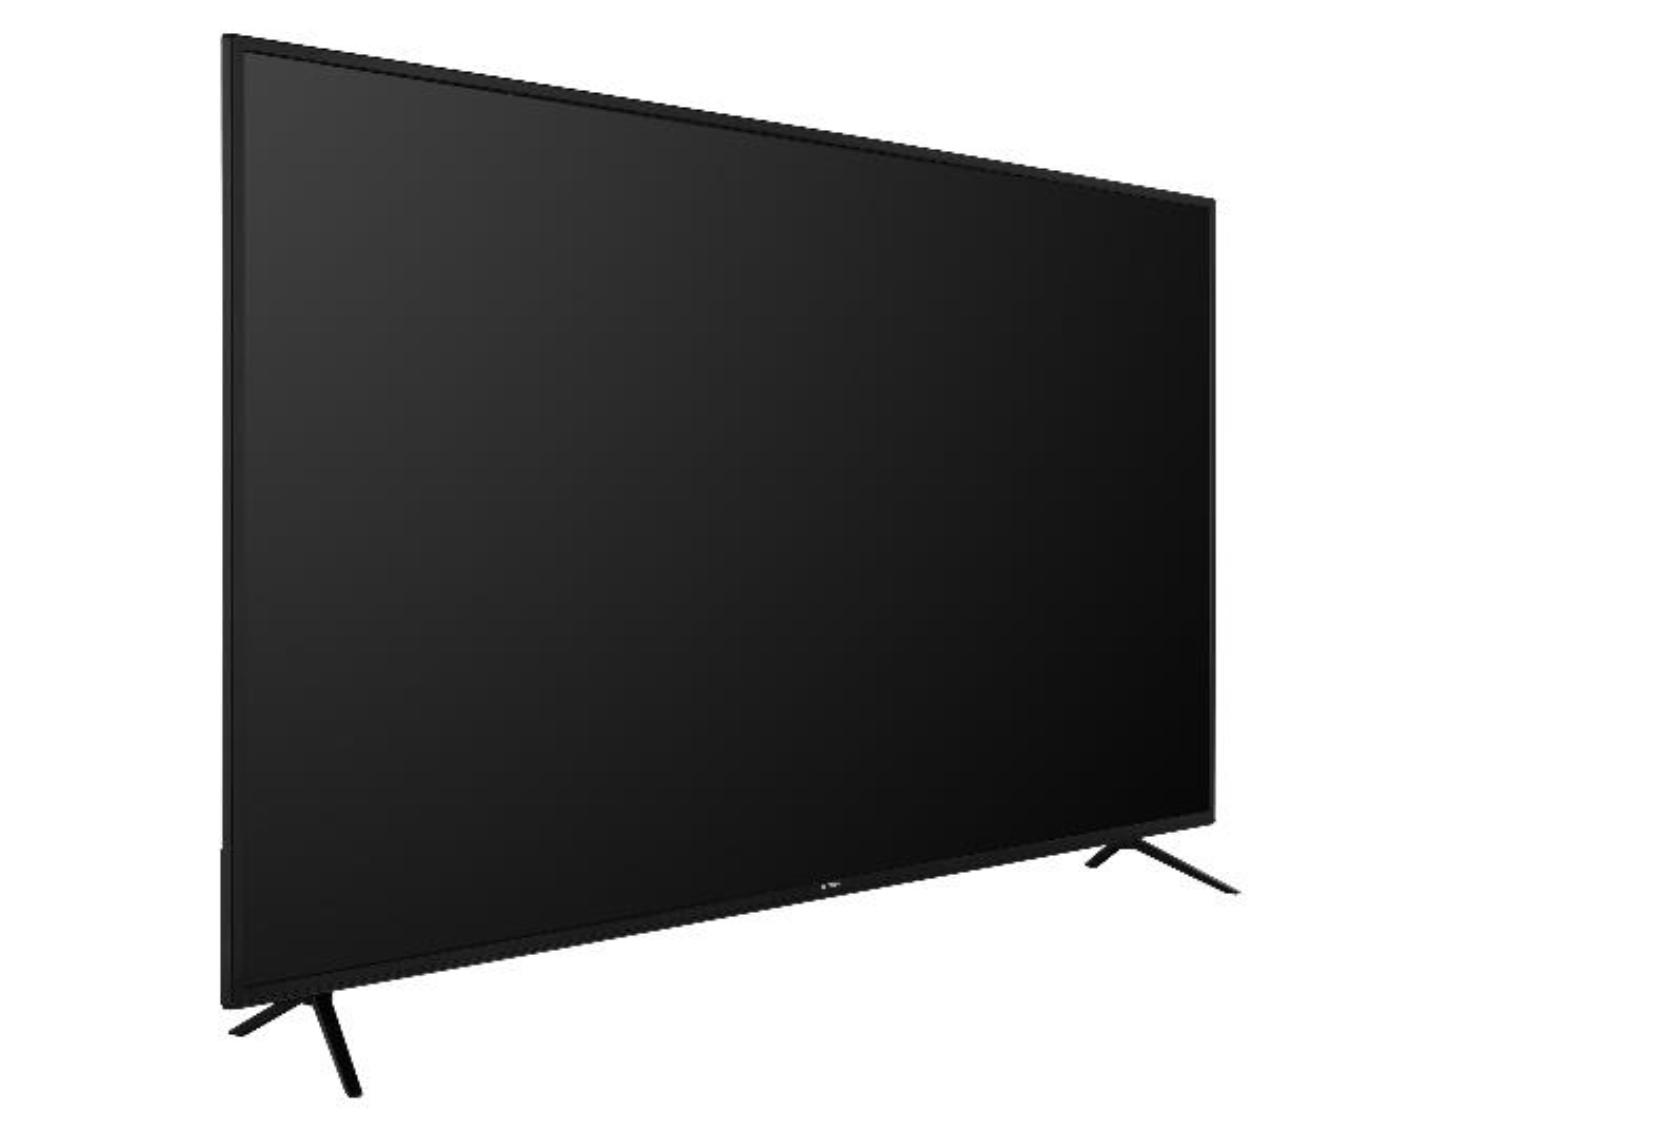 """Nadchodzą niedrogie telewizory Full HD 32"""" z Android TV i HDR10 od JVC i Hitachi. Czy to będą hity w Polsce?"""